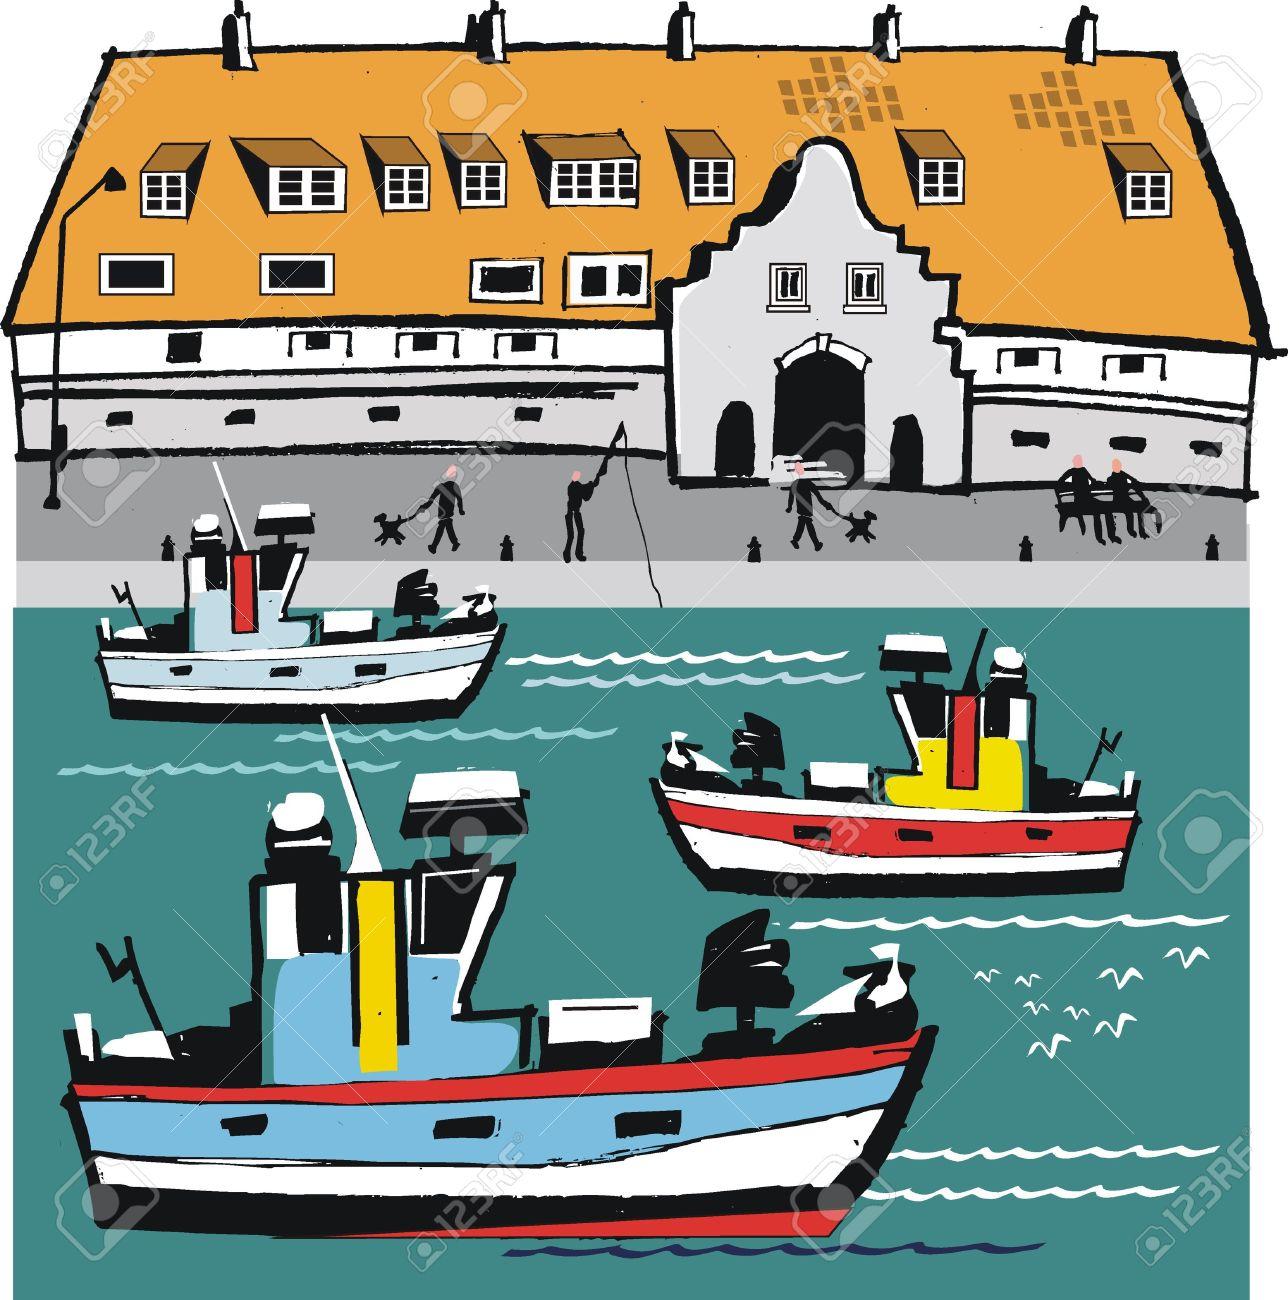 Harbor clipart port Clip Clipart Harbor Art Download